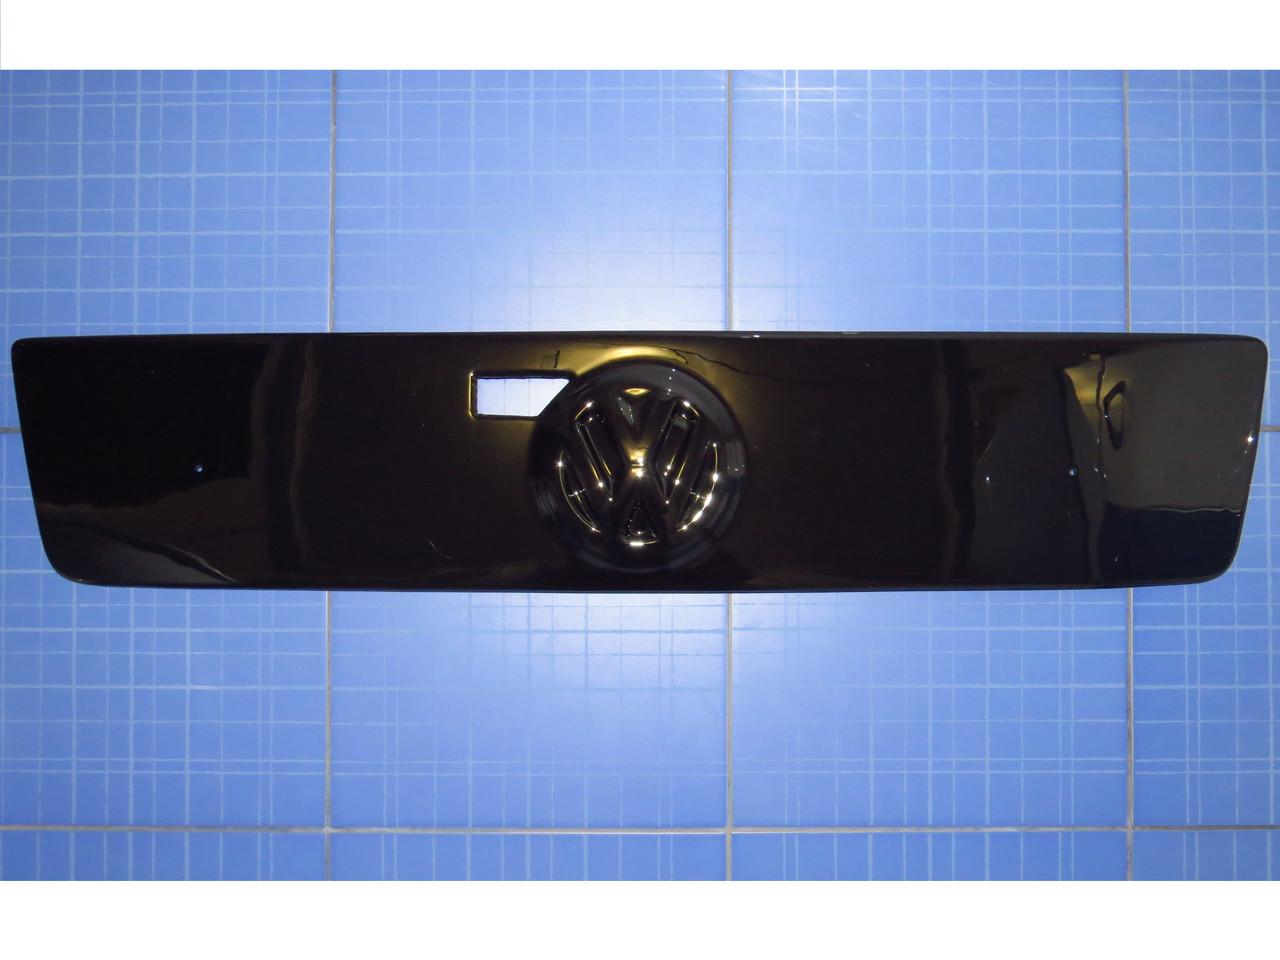 Зимняя заглушка решётки радиатора Фольксваген ЛТ35 верх  с 1998 глянец Fly. Утеплитель решётки Volkswagen LT35